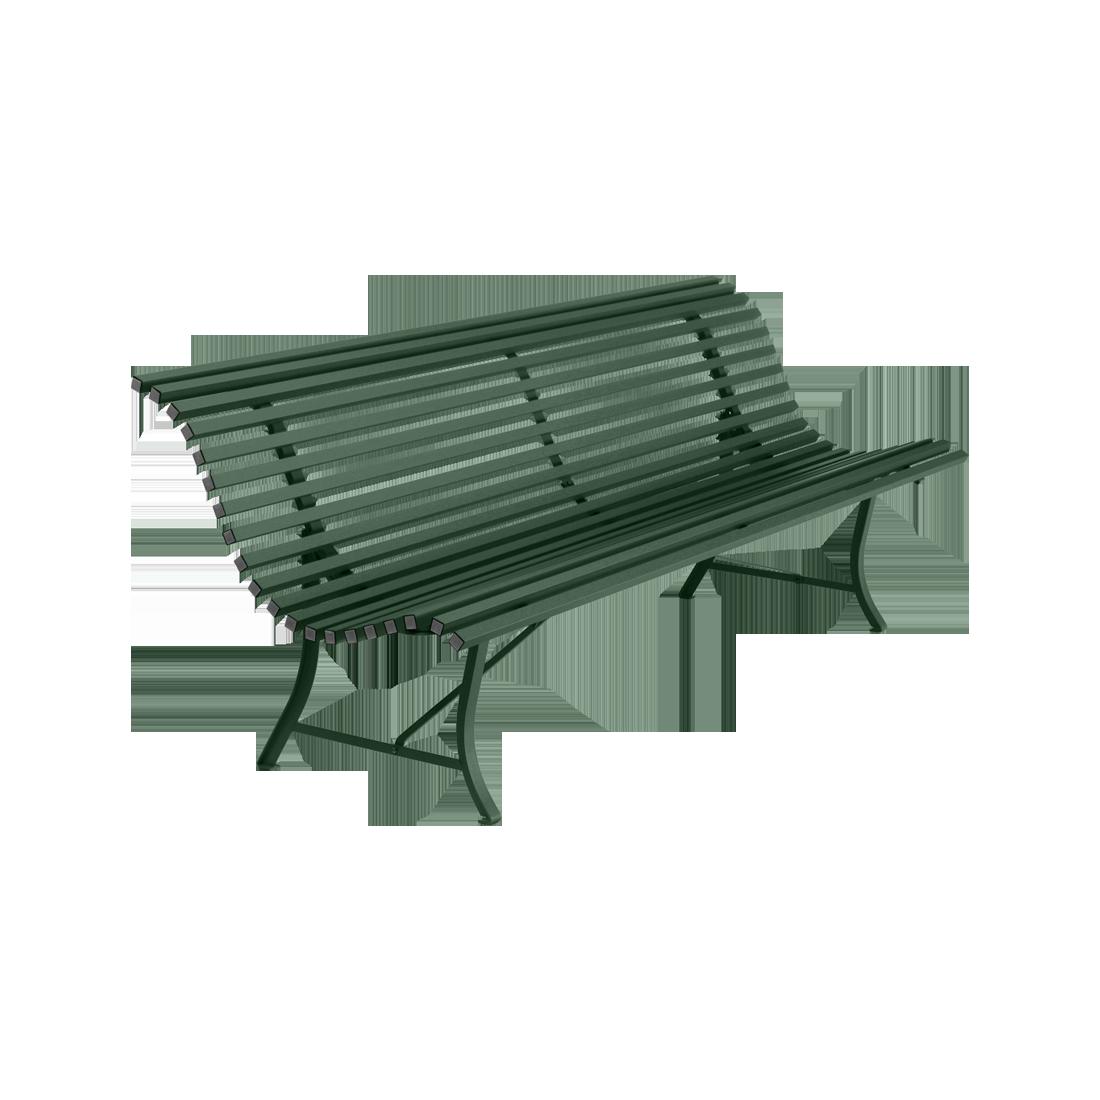 Banc 200 cm louisiane banc d 39 ext rieur pour salon de jardin - Banc en metal pour jardin ...